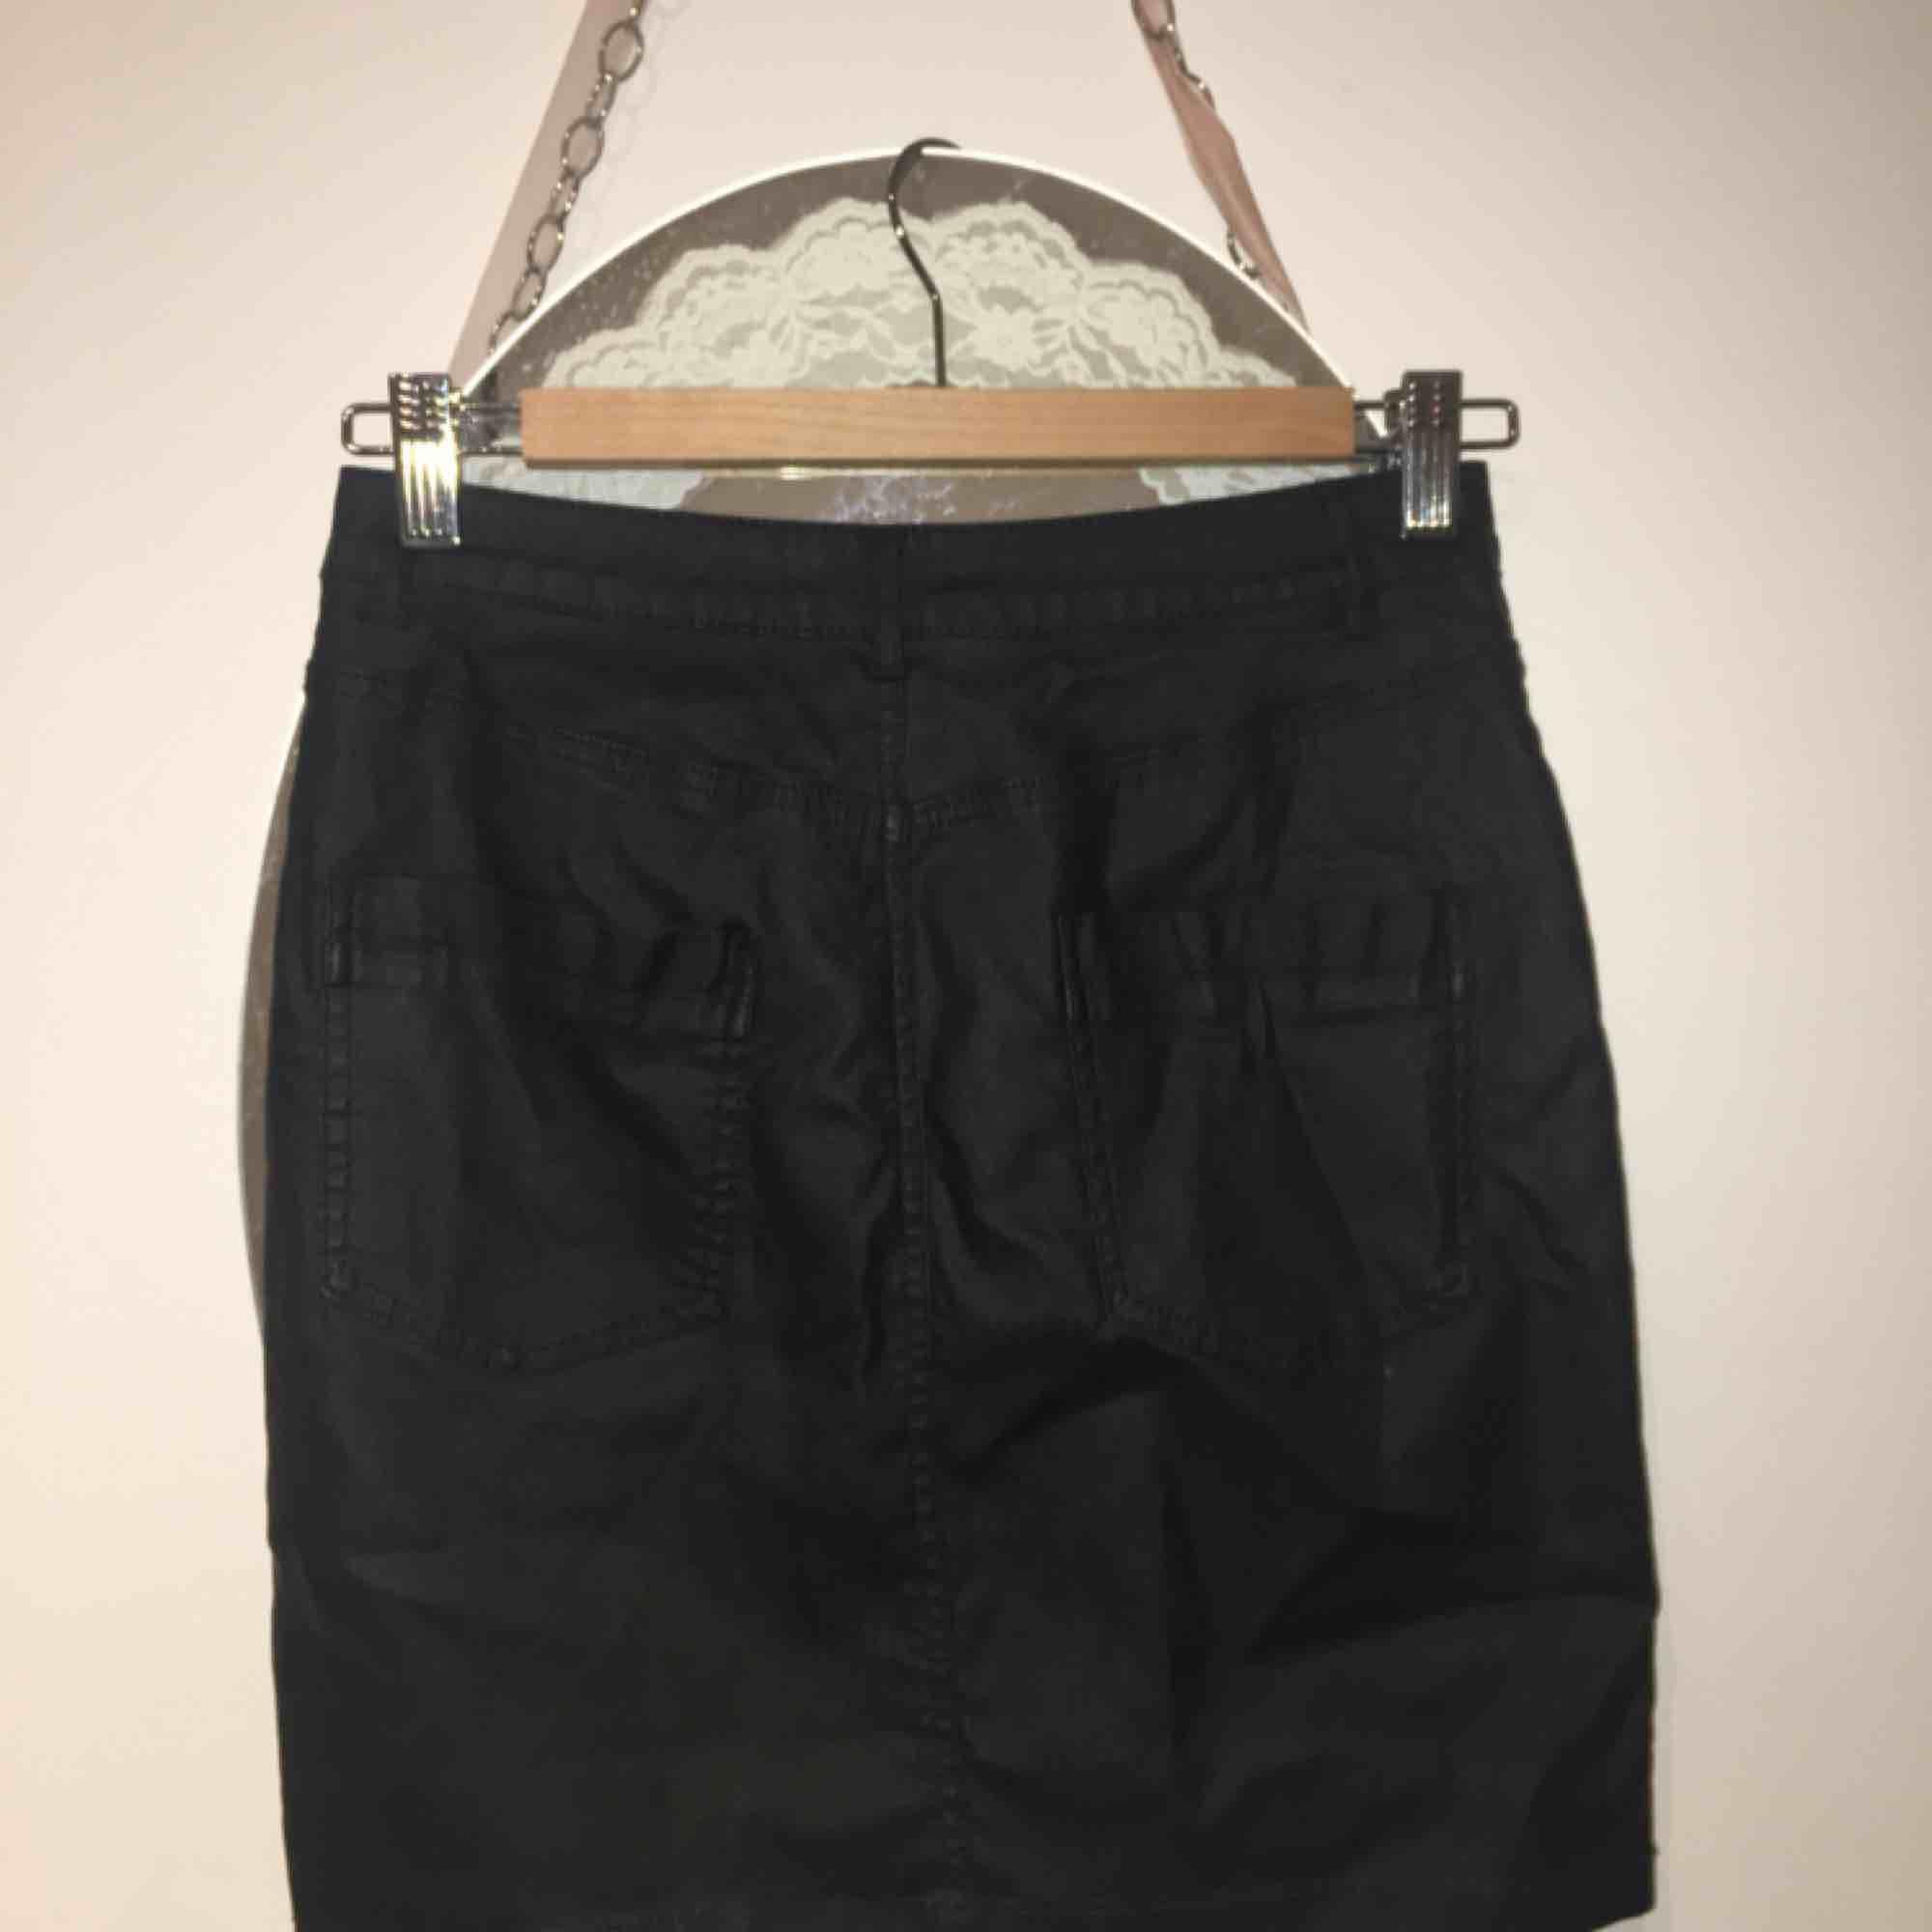 Snygg svart jeans kjol med glansig effekt! Aldrig använd, sitter tajt med mycket stretch. Från Missguided, kort kjol.. Kjolar.